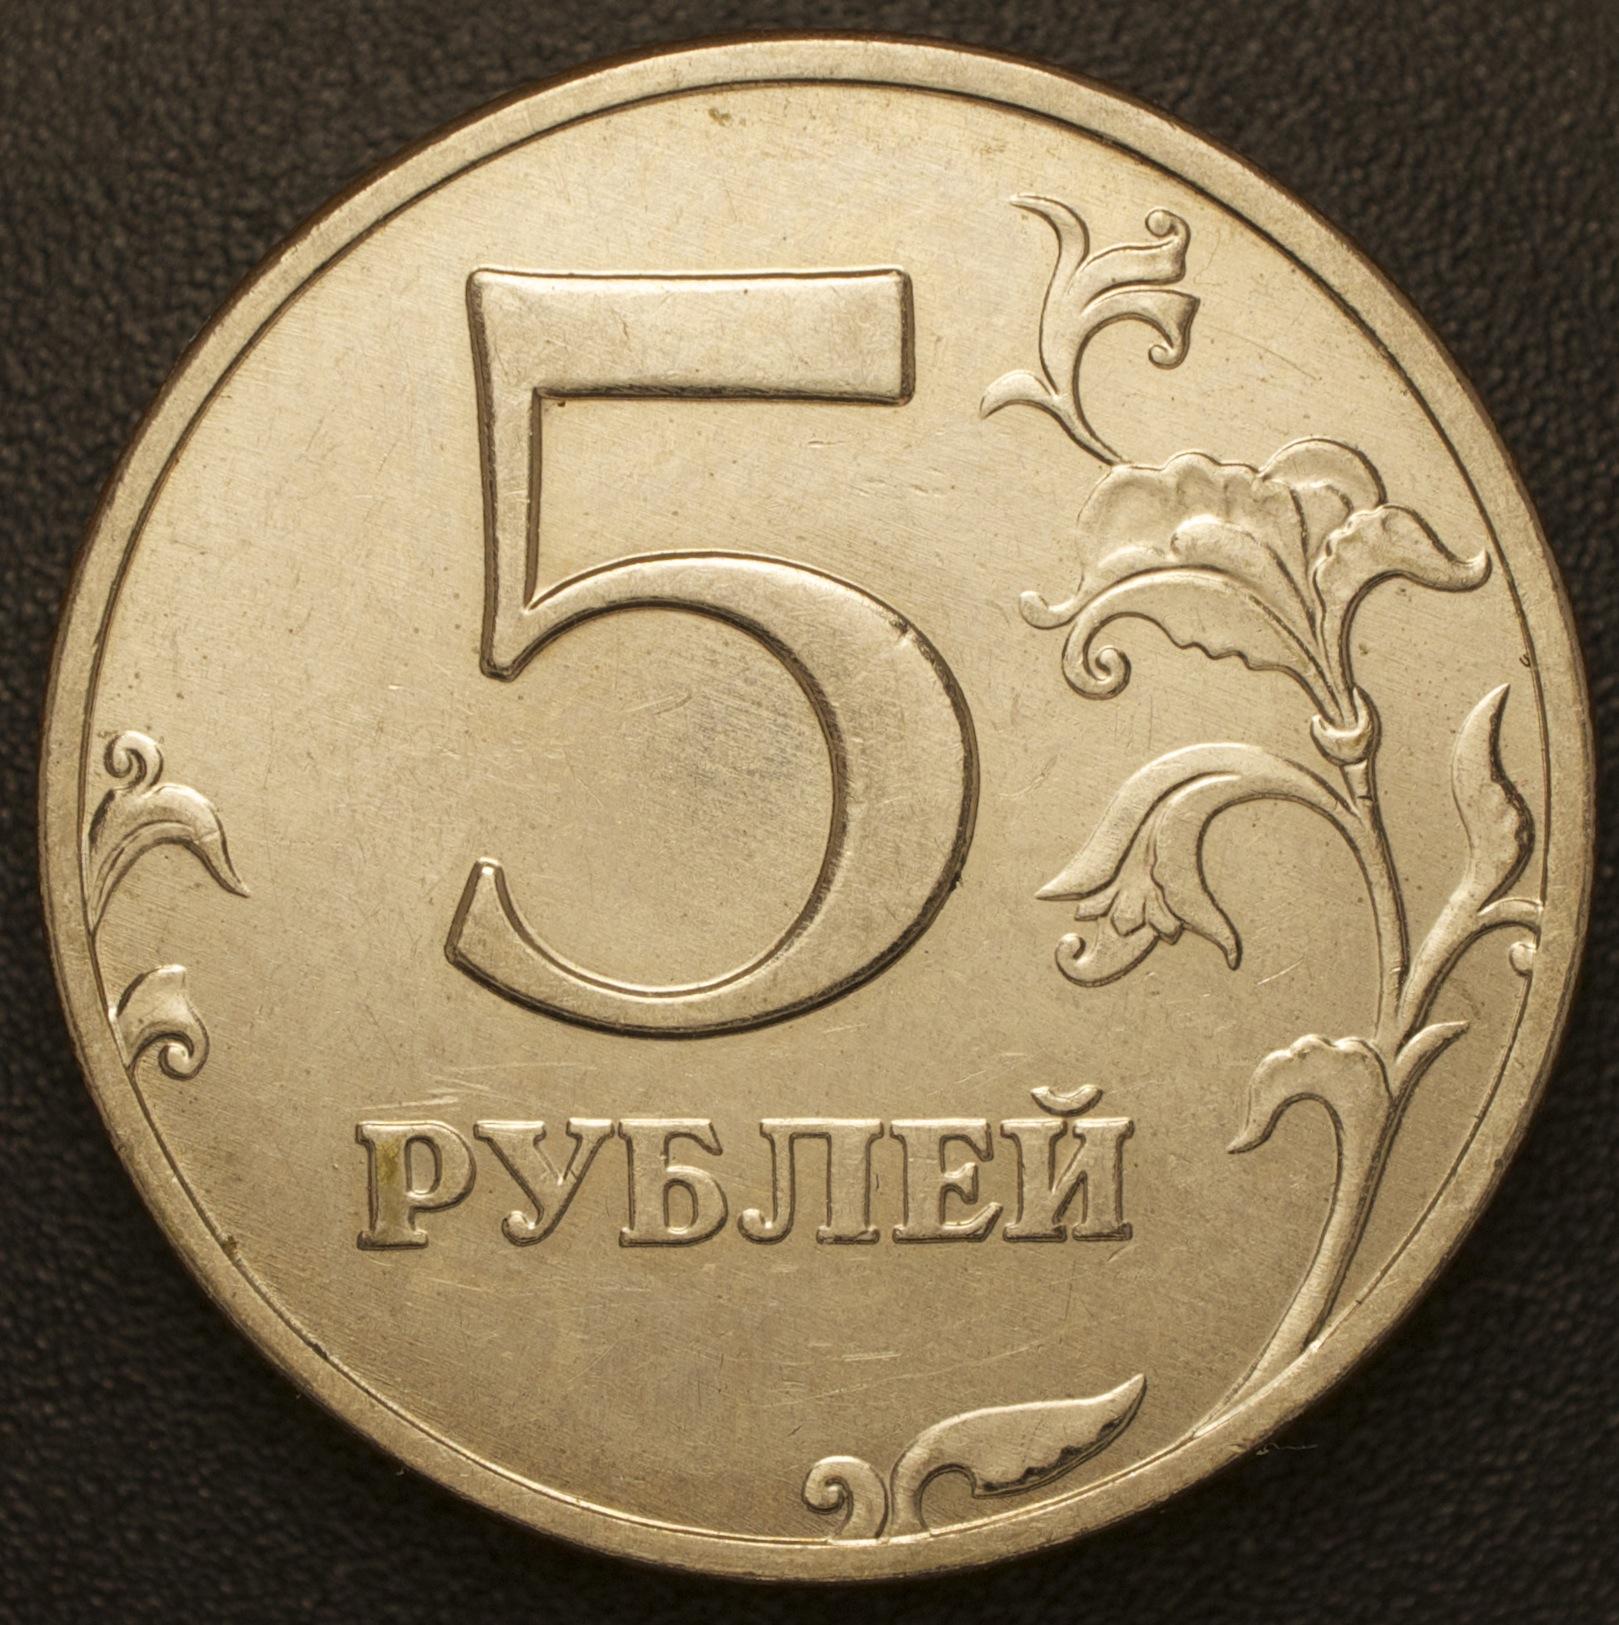 Монета 5 рублей рисунок какие старые монеты можно дорого продать